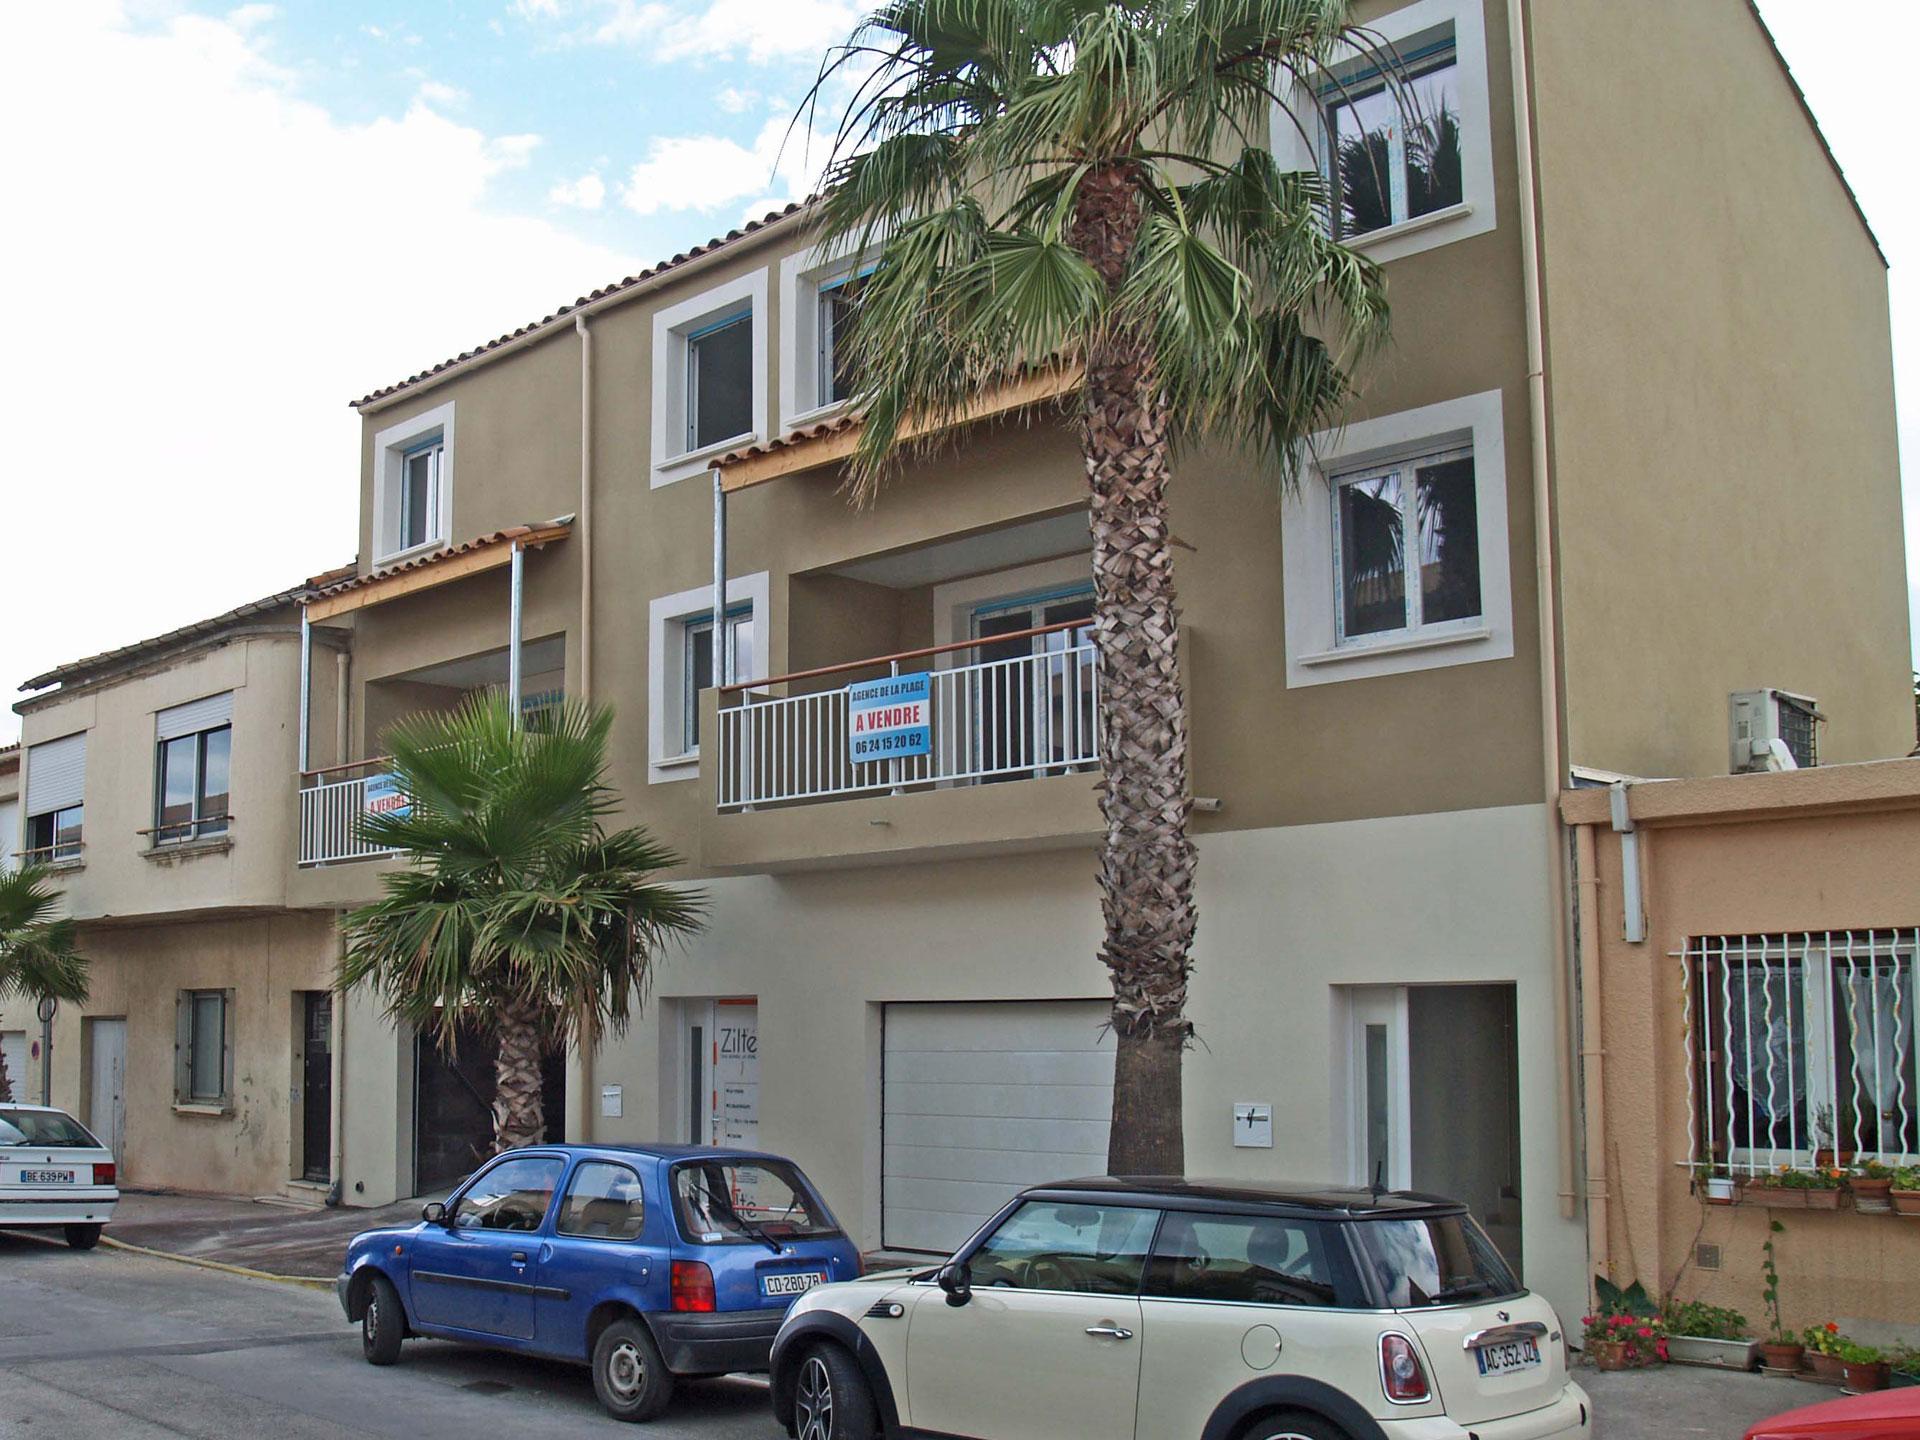 Maison de ville rue Montpellieret<br>à Palavas